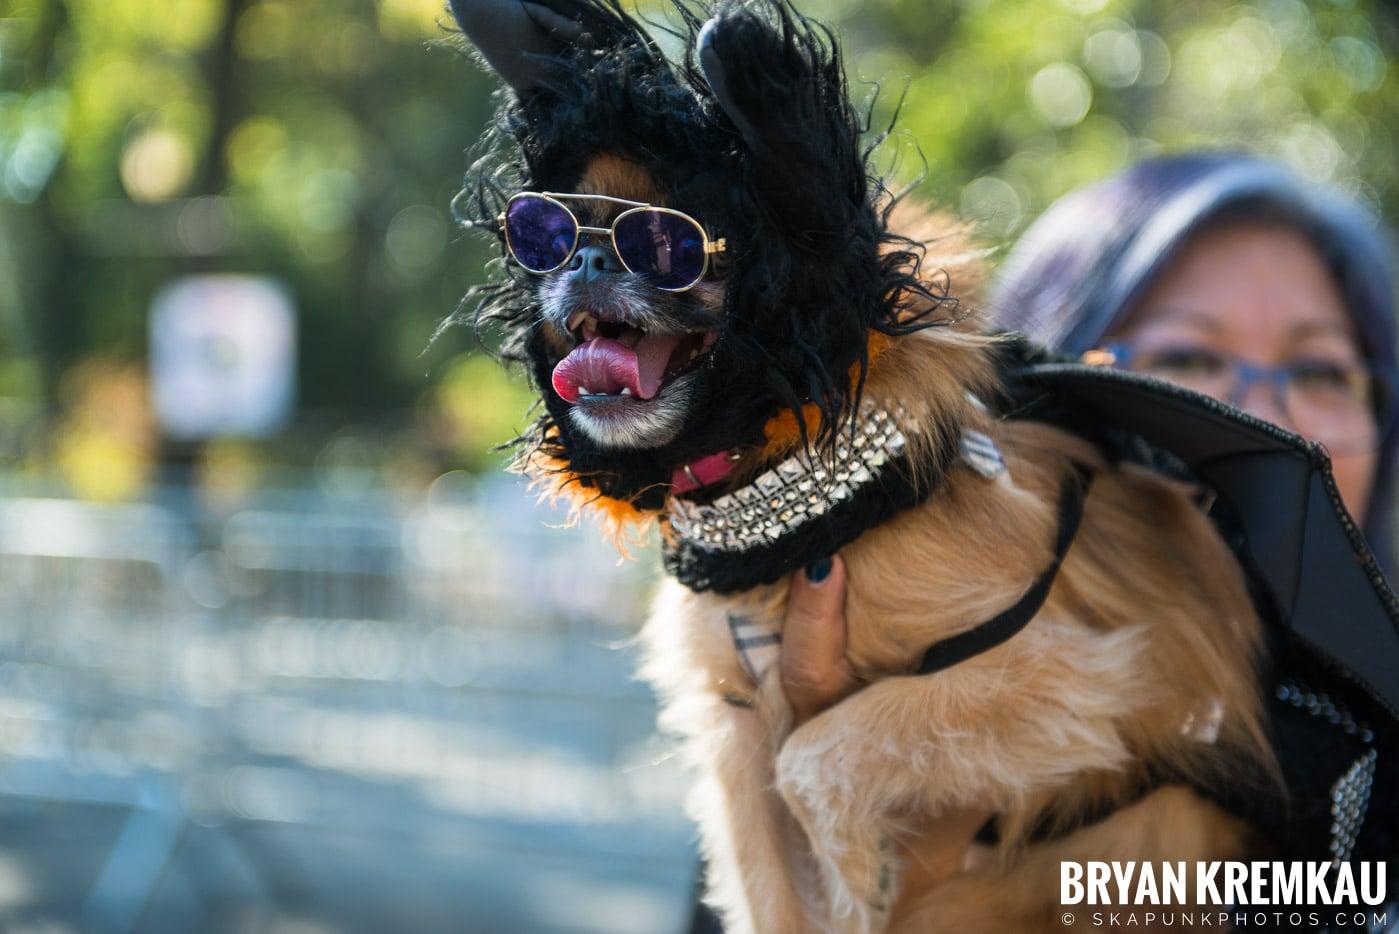 Tompkins Square Park Halloween Dog Parade 2017 @ Tompkins Square Park, NYC - 10.21.17 (42)